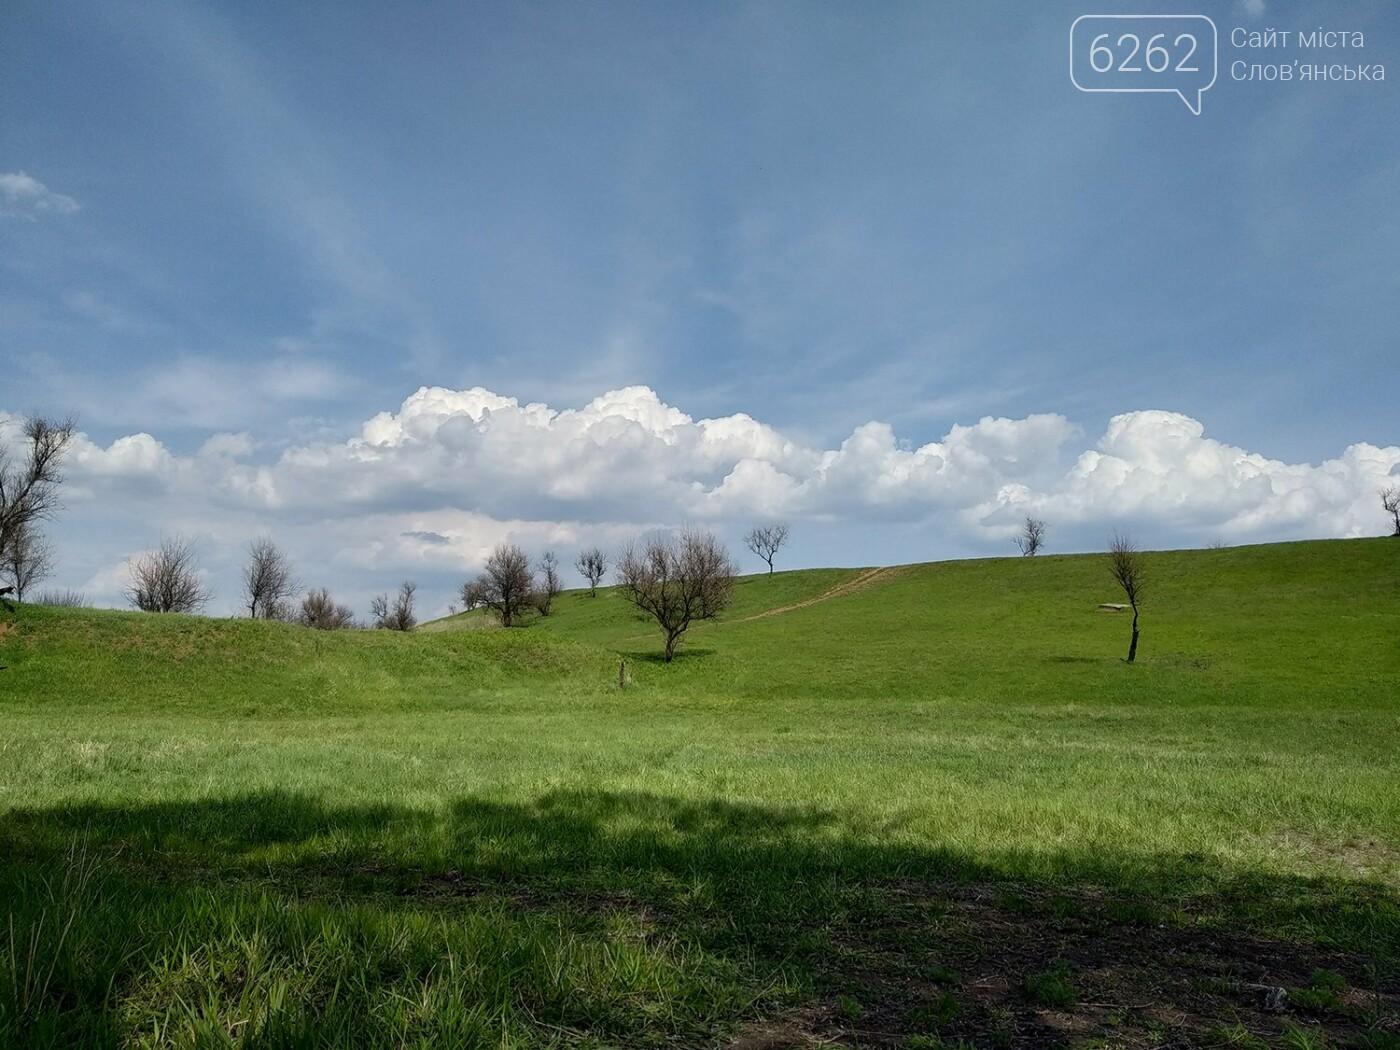 Весна дихає в обличчя: фотопрогулянка мікрорайоном Лісний у Слов'янську, фото-8